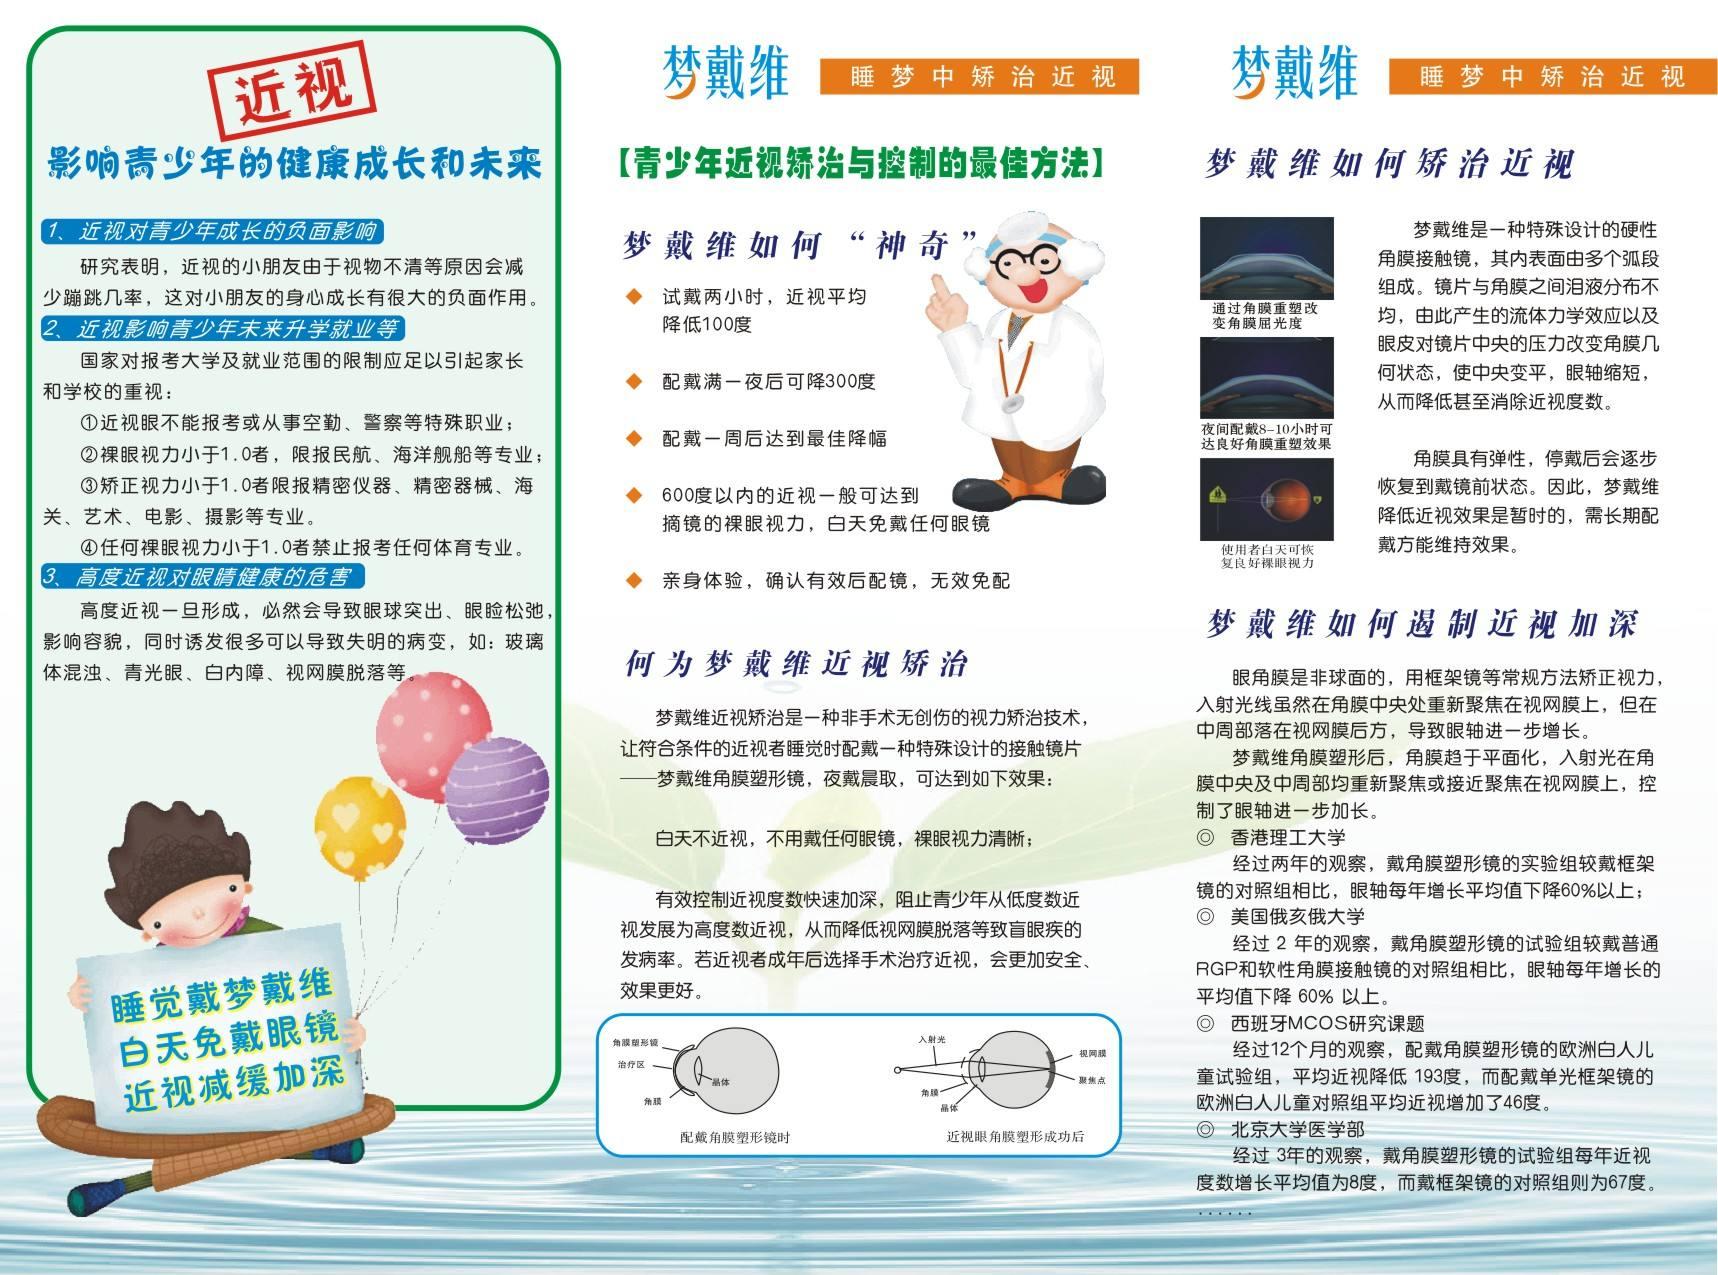 美国进口菁视角膜塑形镜OK镜北京崇文门矫正视力美国材料设计